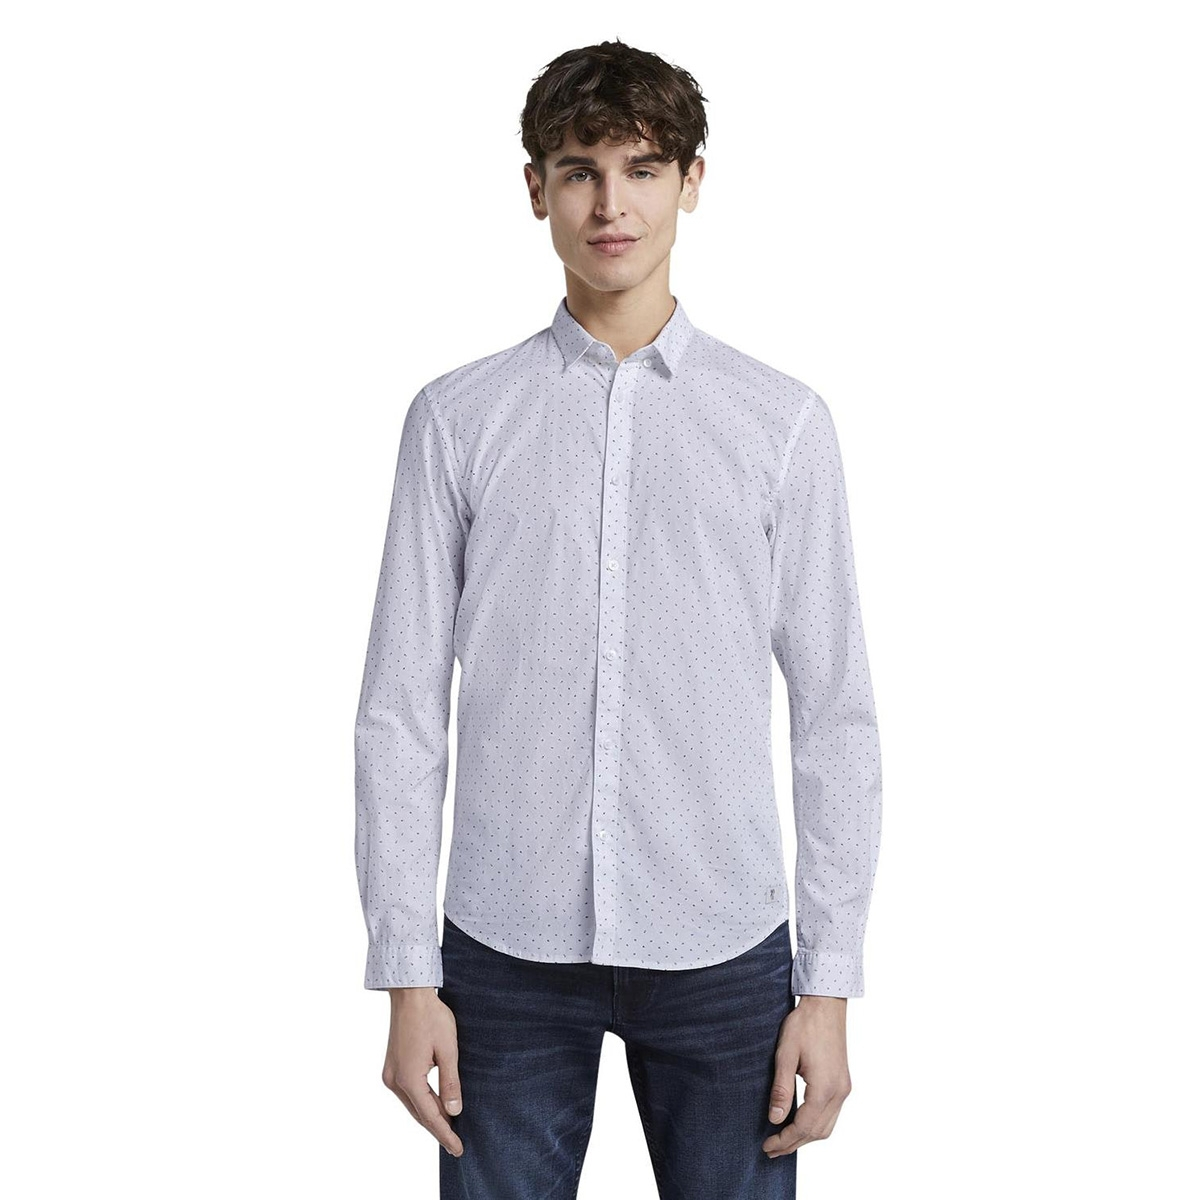 overhemd met all over print 1016214xx12 tom tailor overhemd 21622